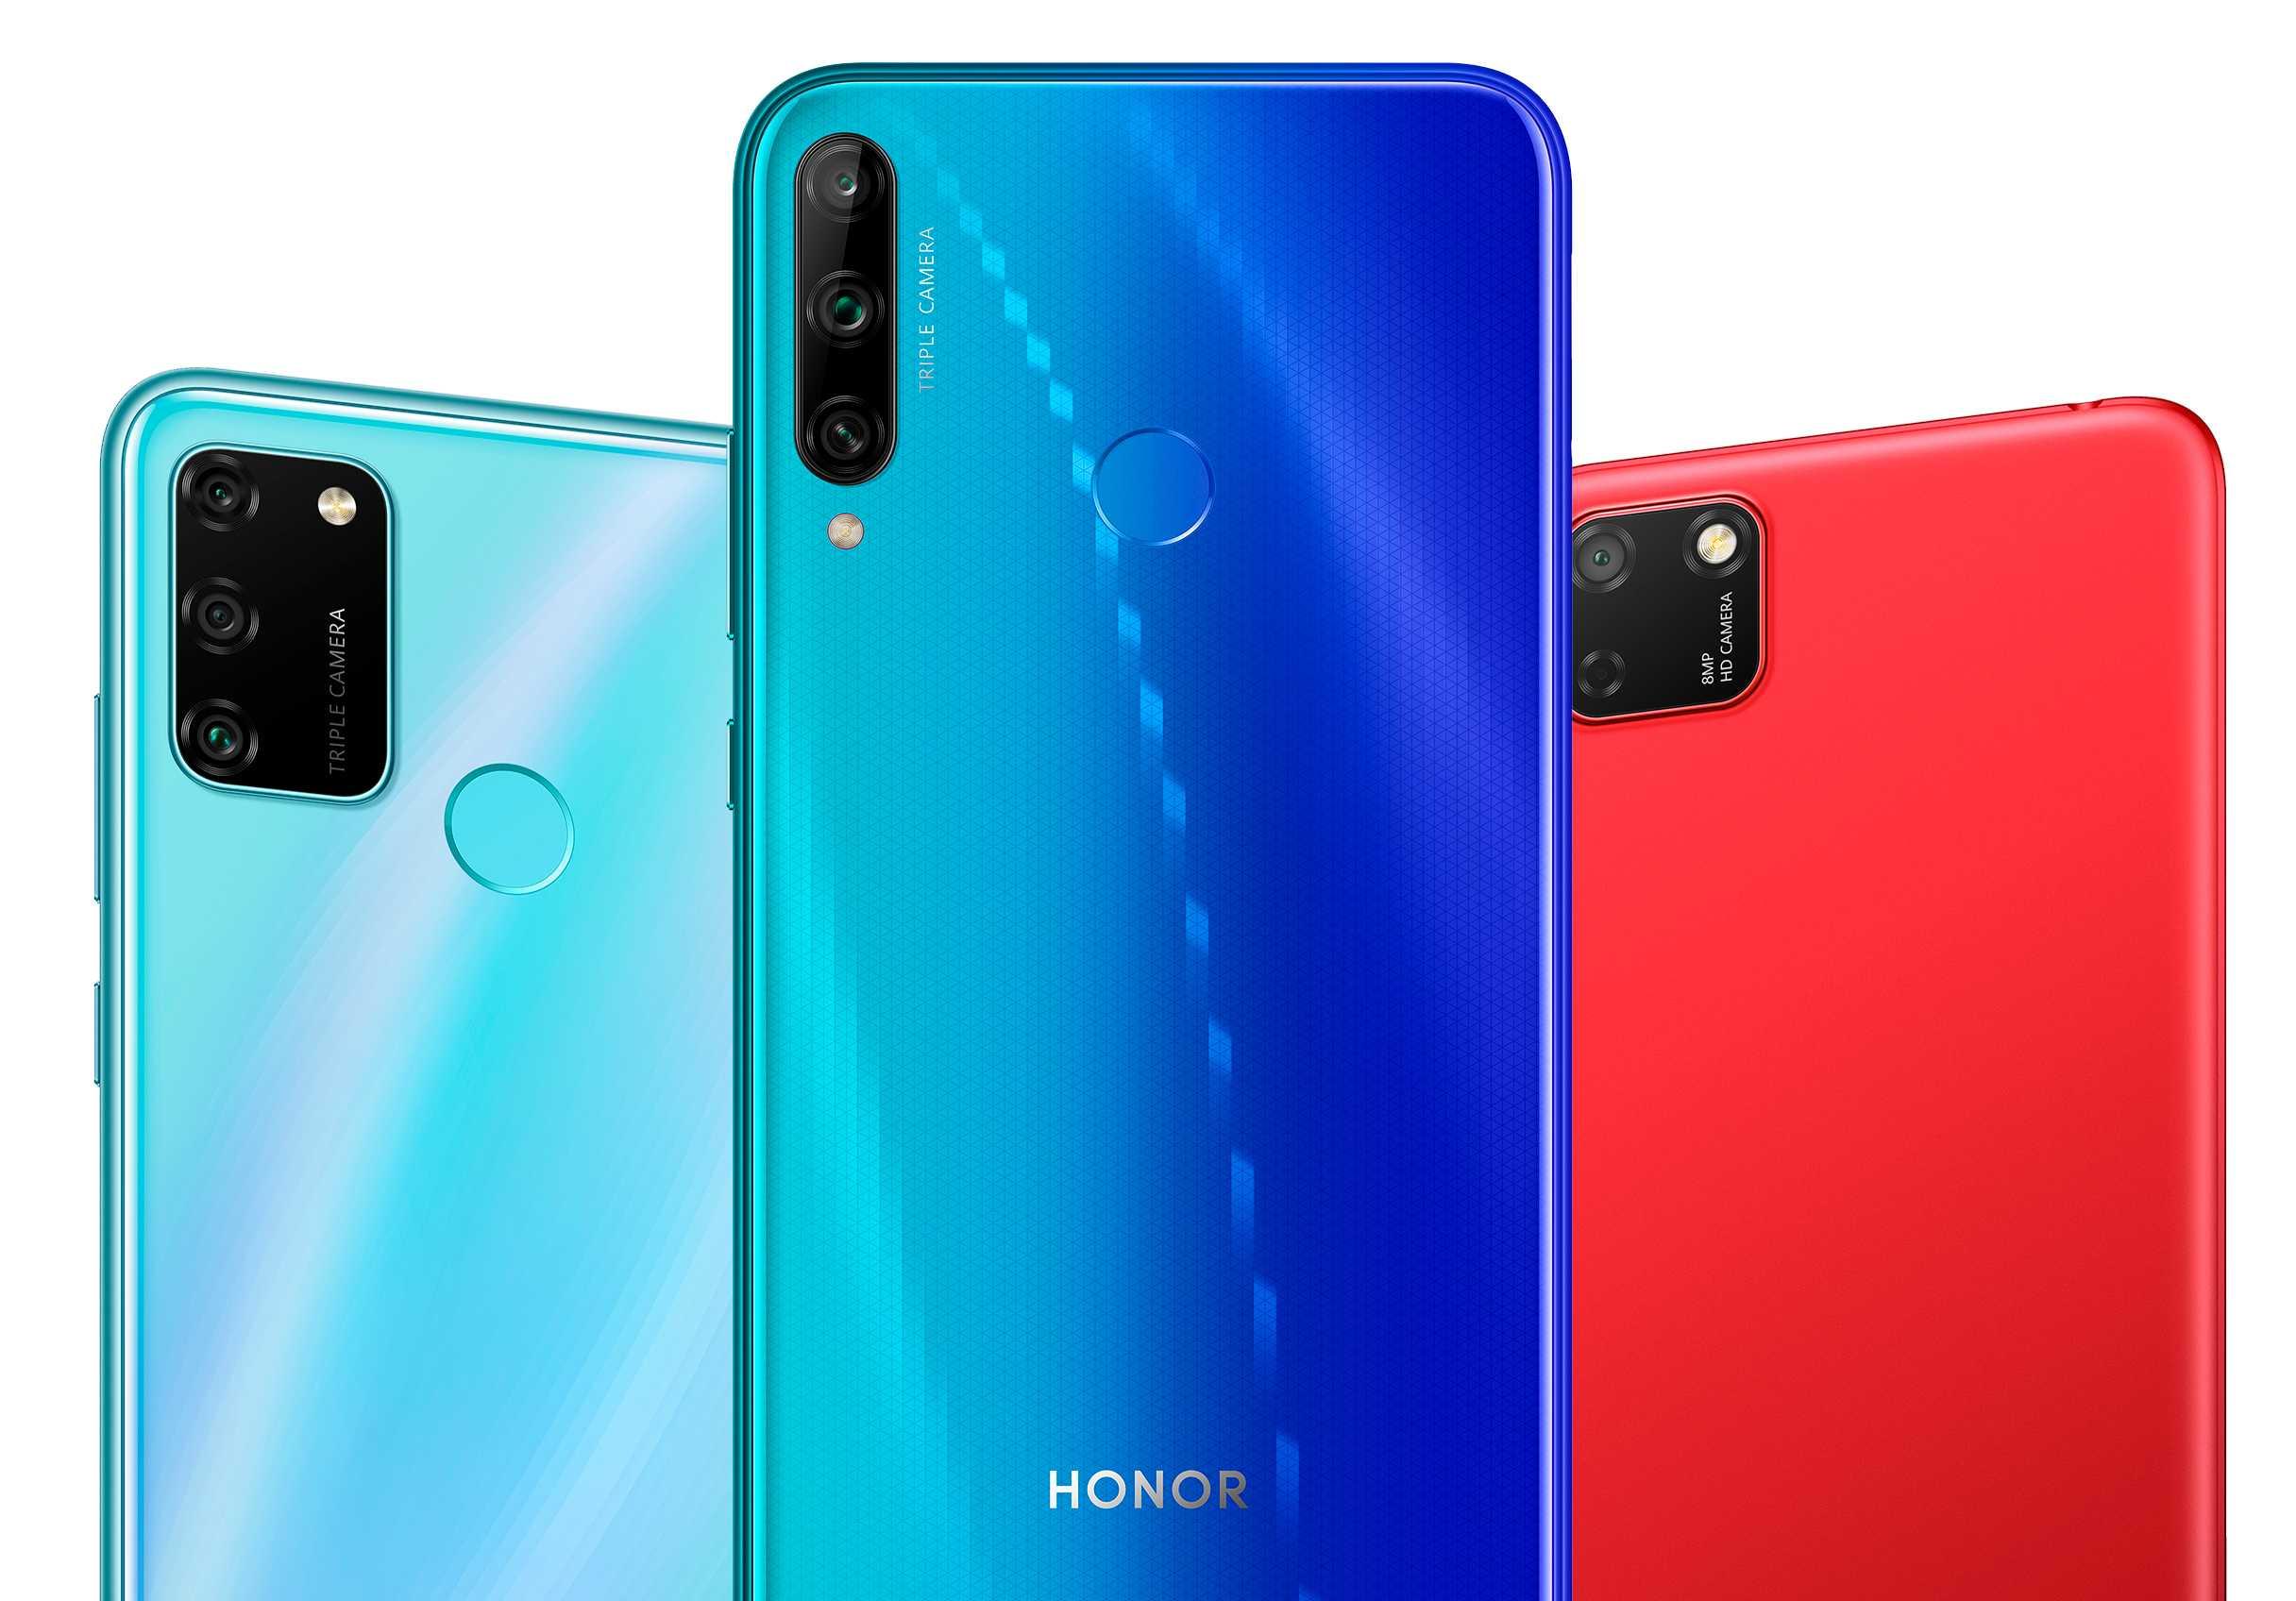 Лучшие смартфоны honor 2019 года: обзор 10 моделей